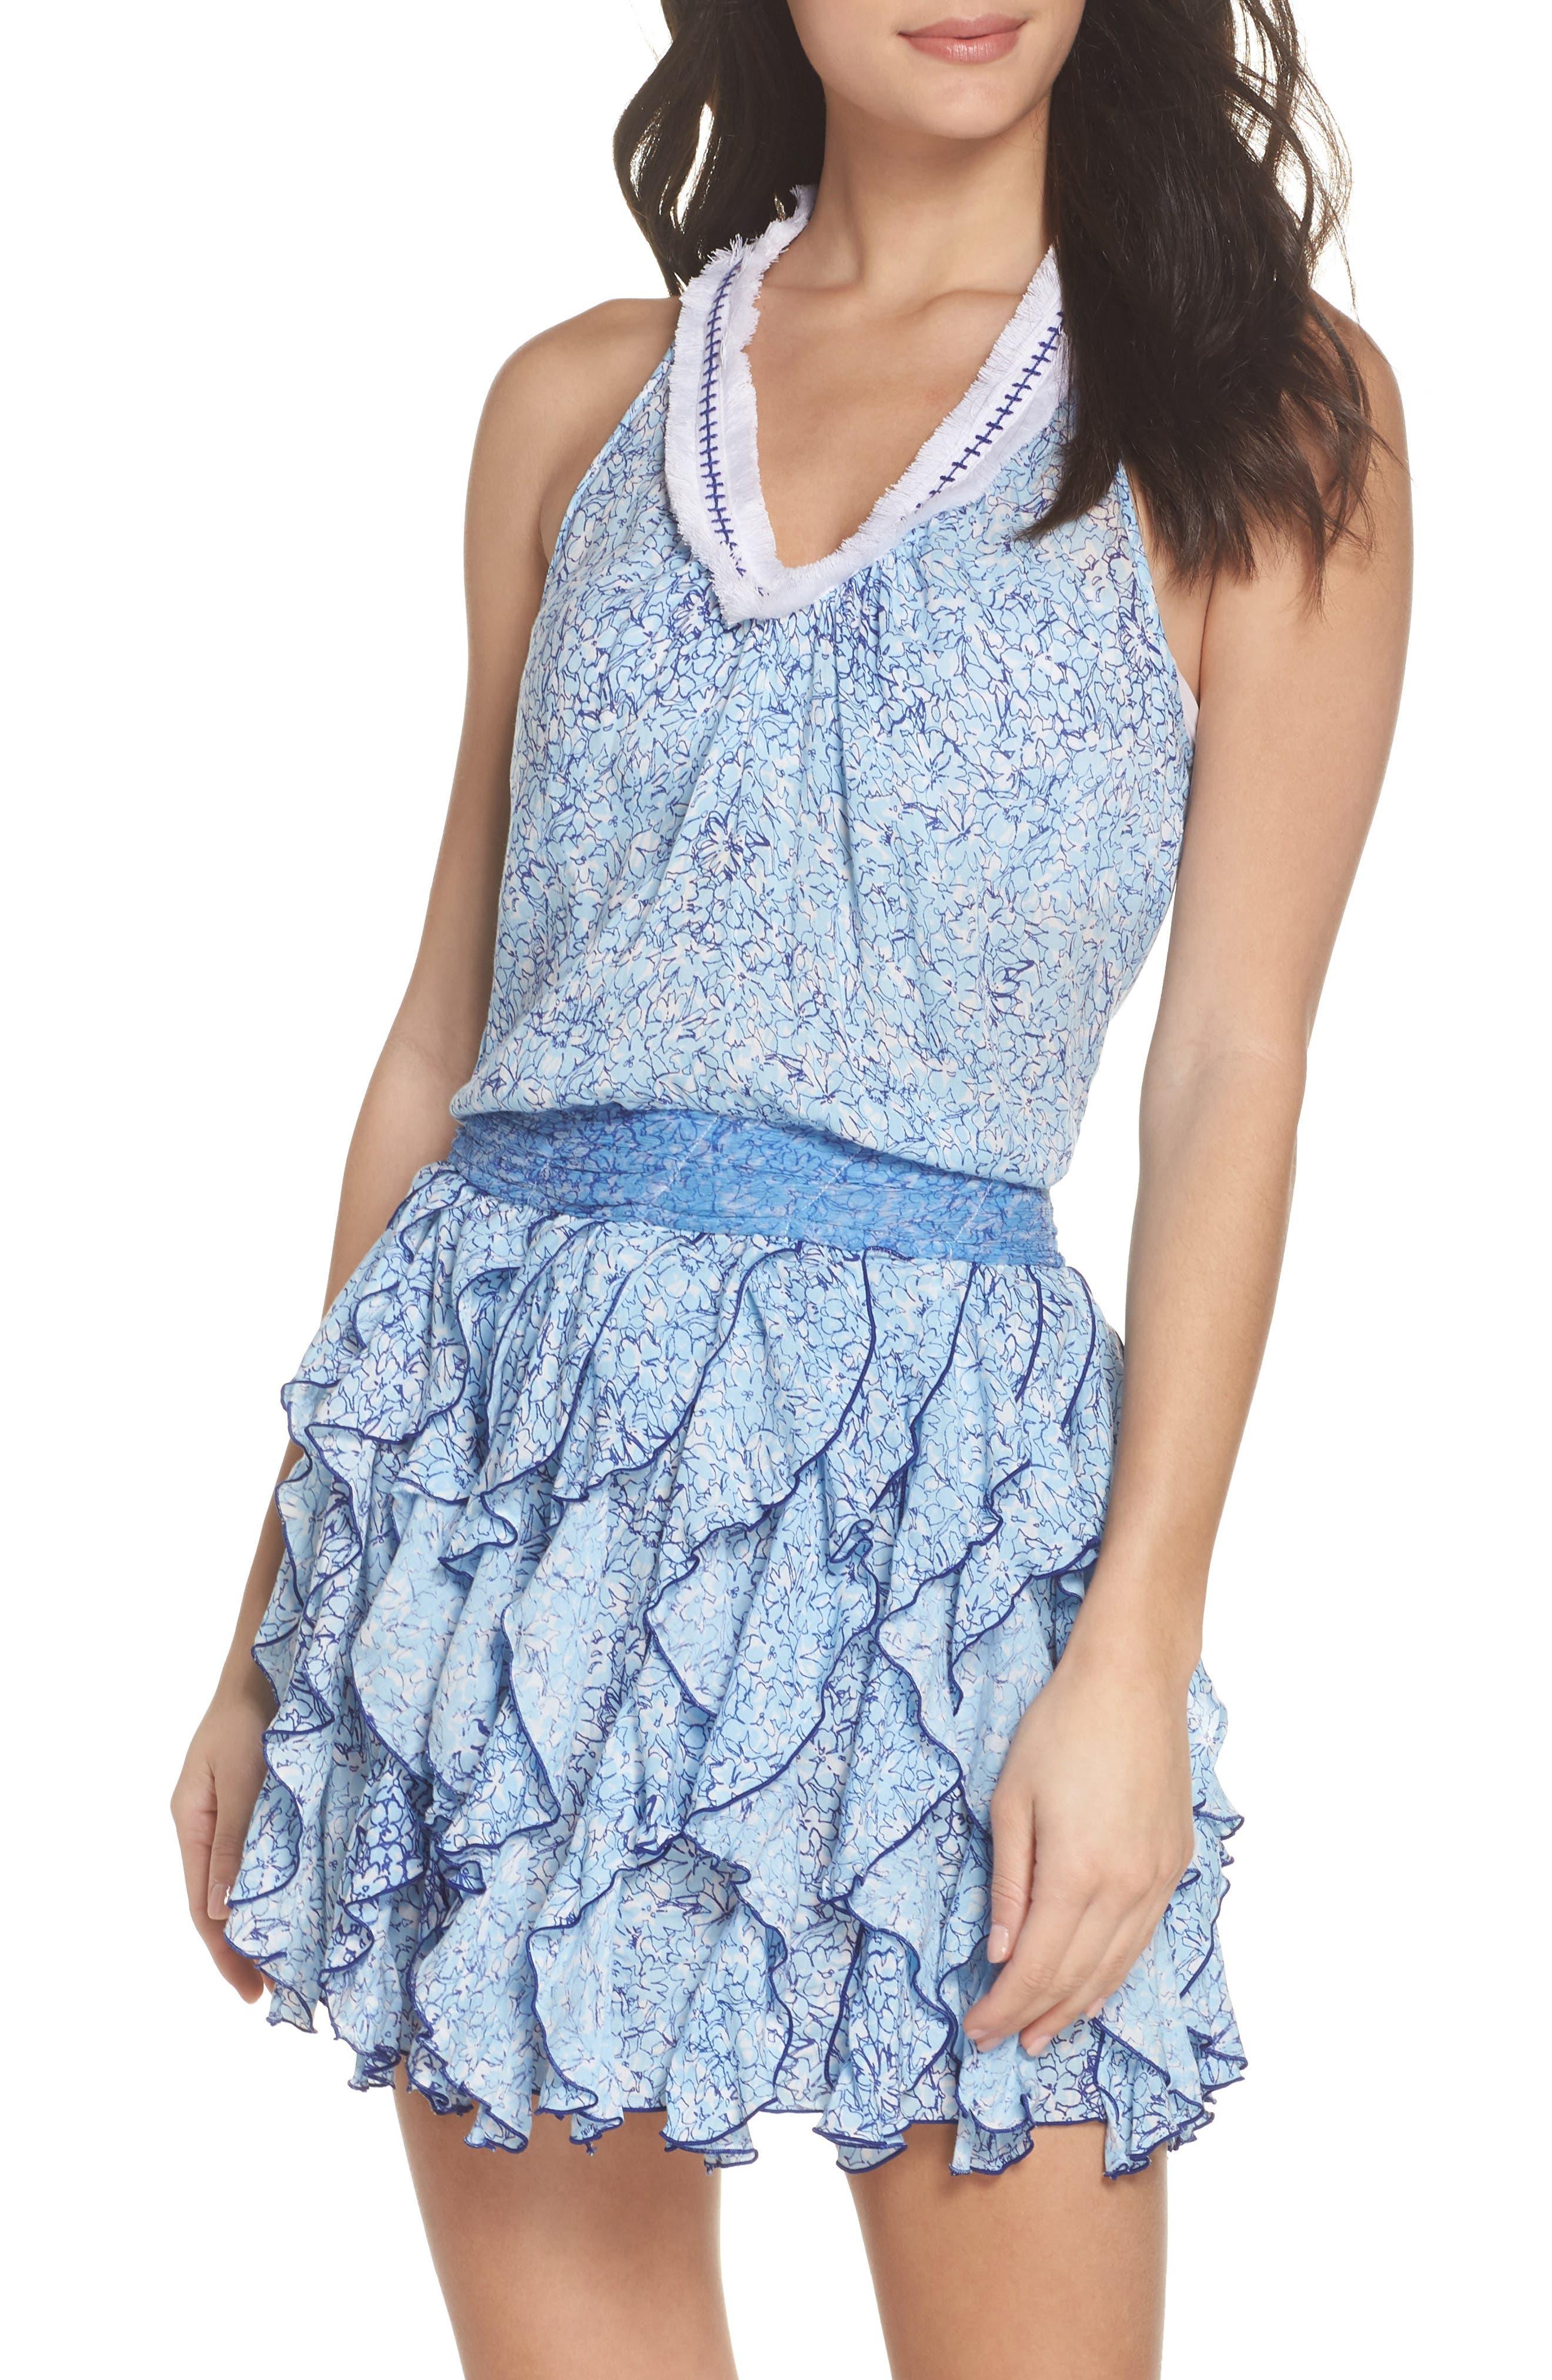 Poupette St. Barth Beline Cover-Up Dress,                             Main thumbnail 1, color,                             BLUE JOY